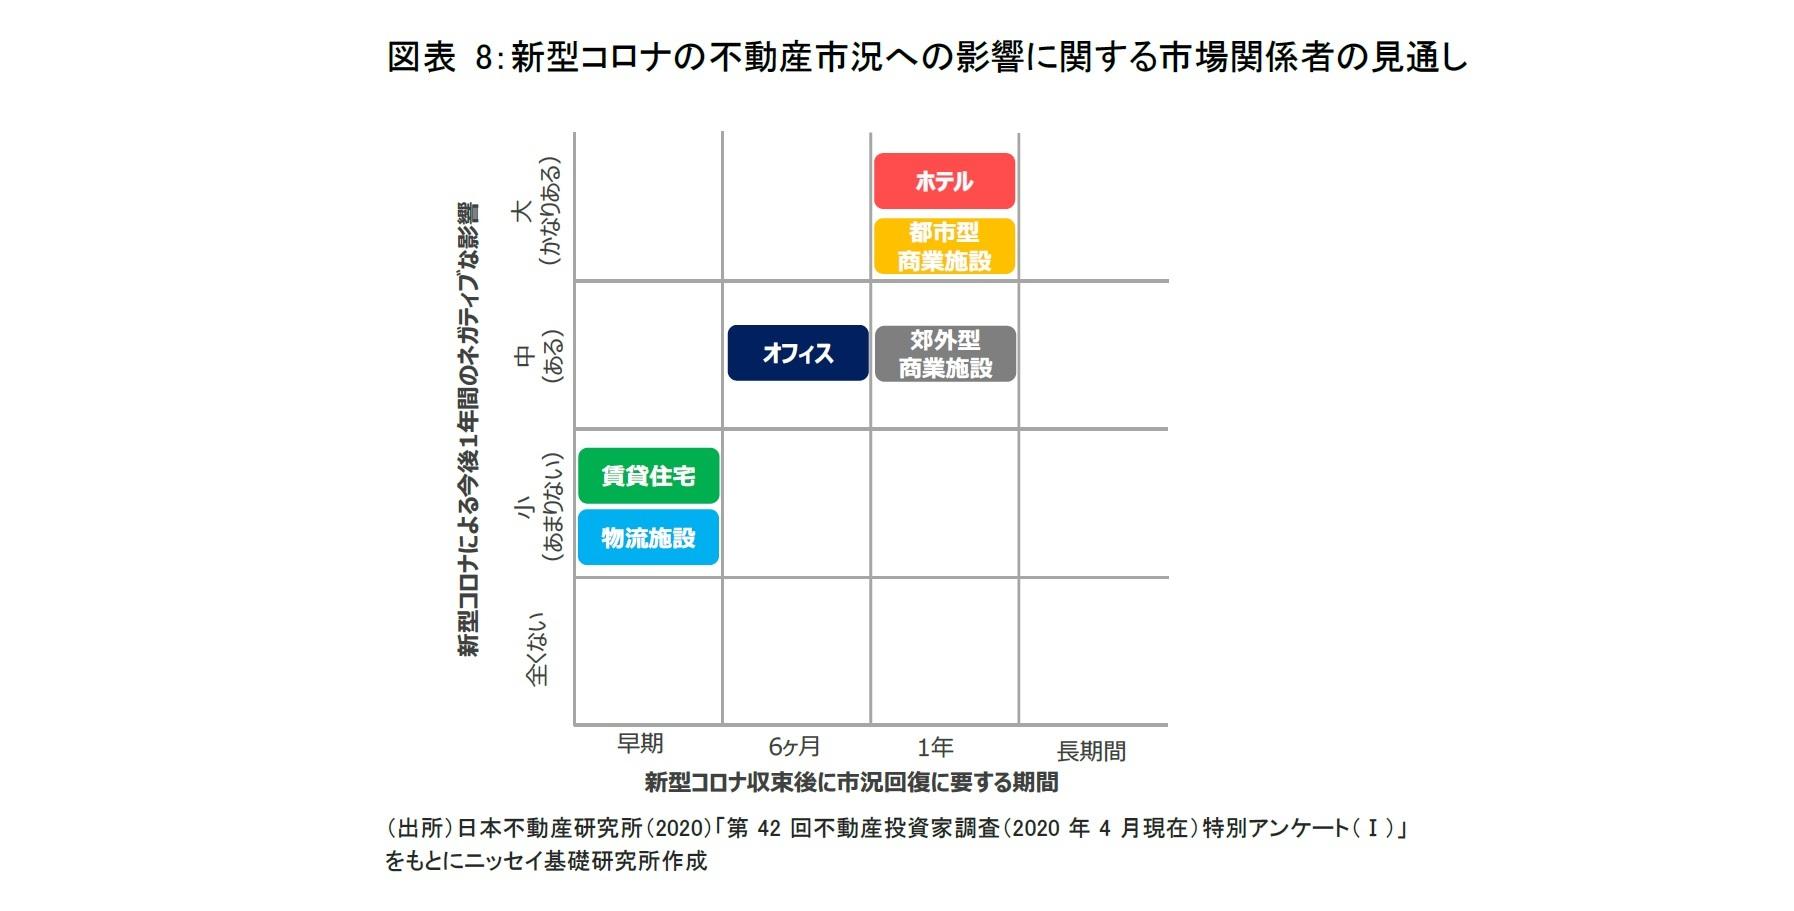 図表 8:新型コロナの不動産市況への影響に関する市場関係者の見通し